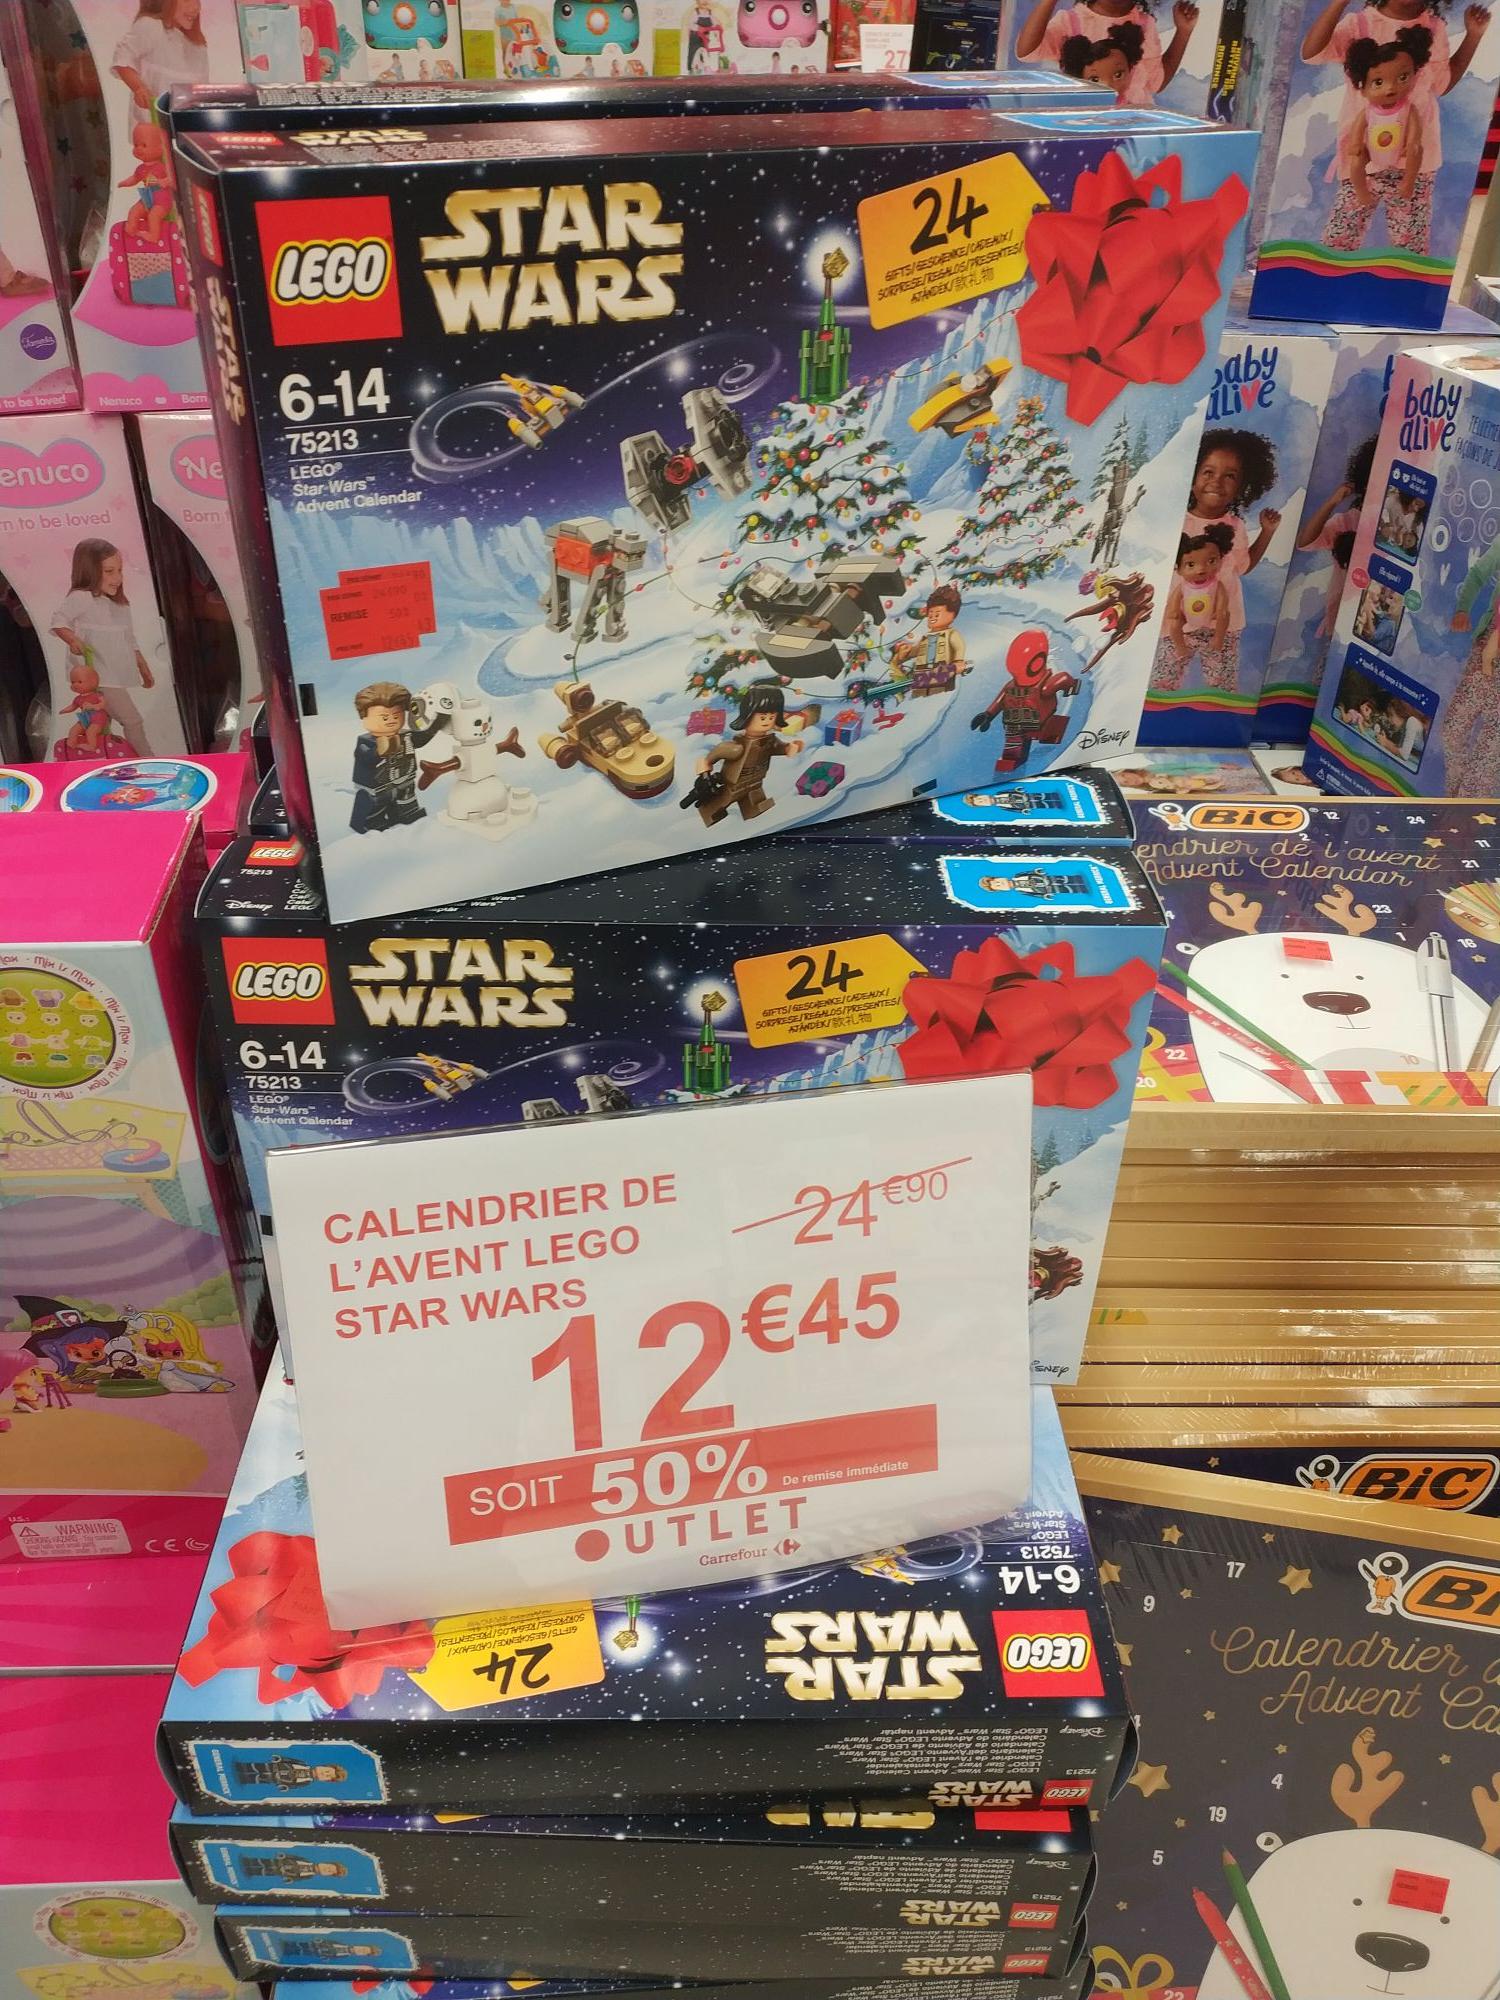 Calendrier de l'avent Lego Star Wars 75213 - Angers Saint-Serge (49)